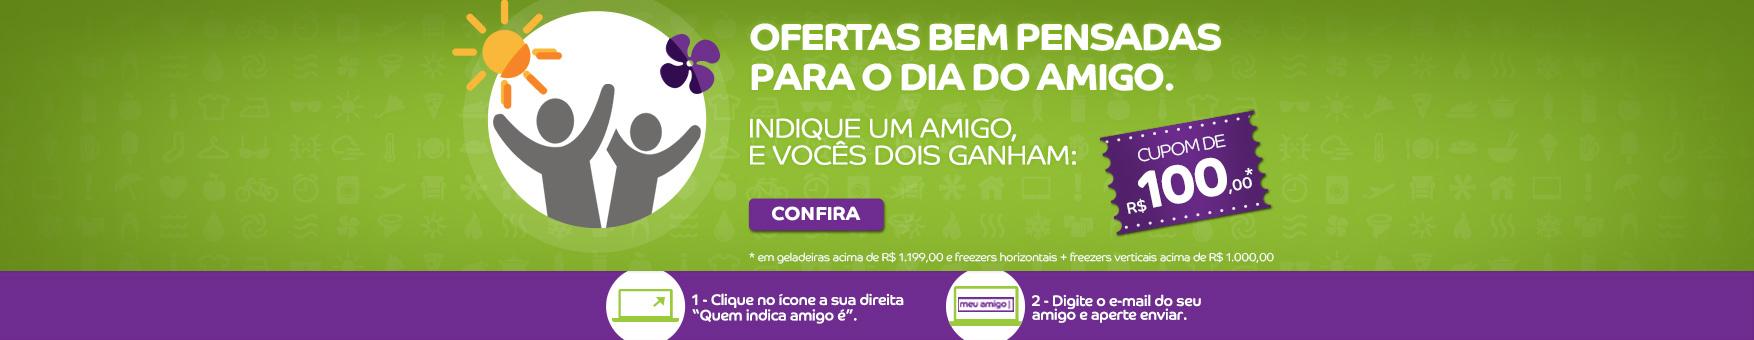 PROGRAMADO PARA 17 A 21/04 - DIA DO AMIGO